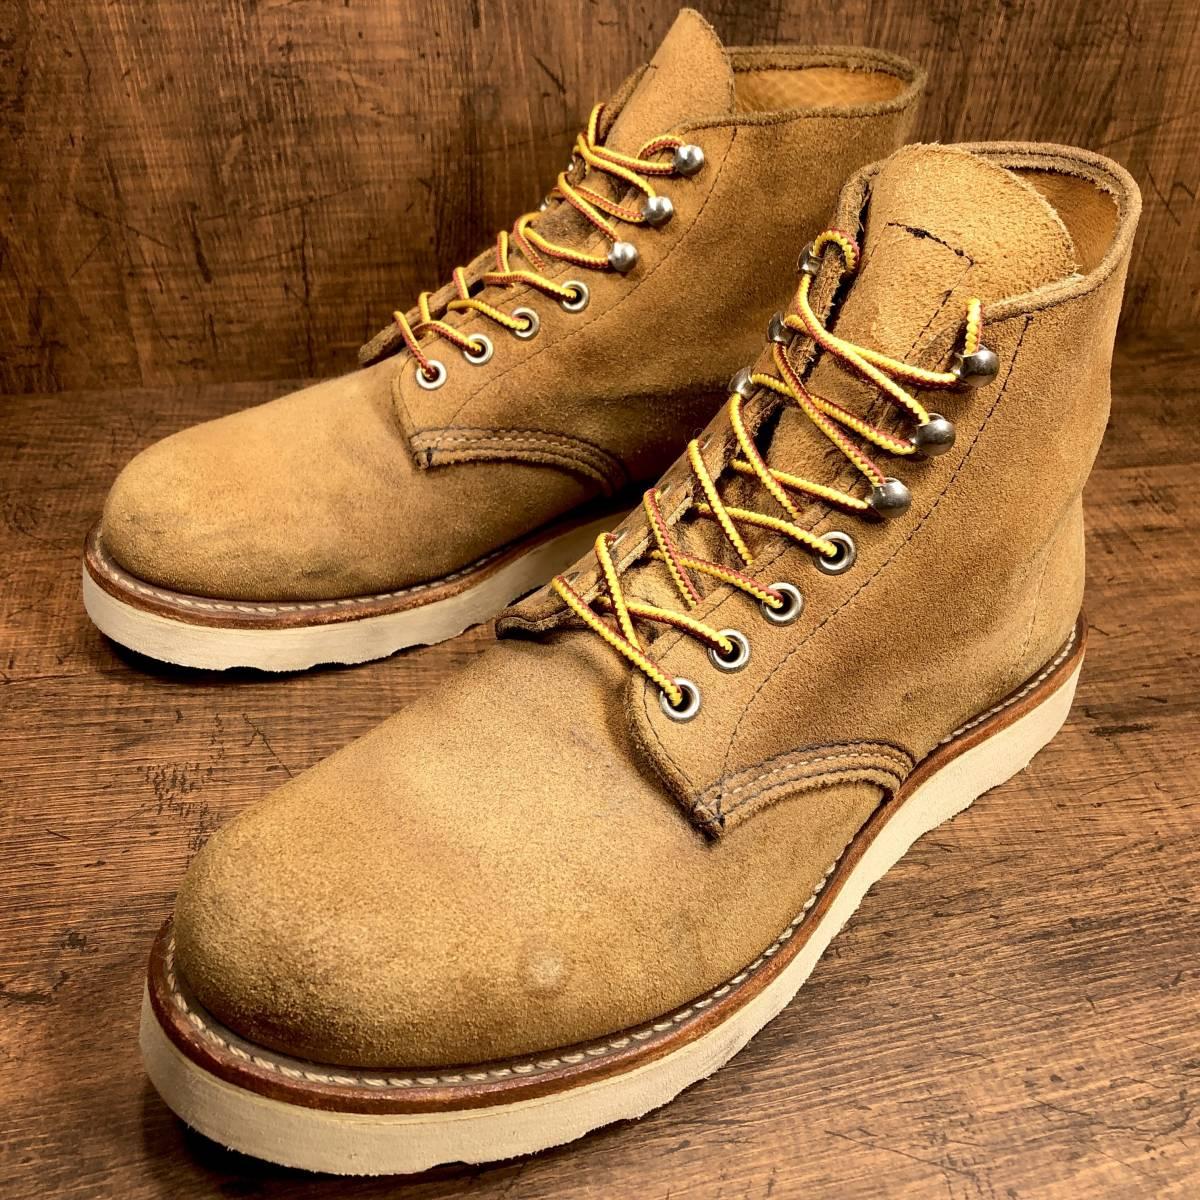 ■RED WING 8181■ 26cm US8D 茶 ブラウン レッドウィング ショートカットブーツ メンズ 革靴 靴 くつ ブーツ 即決_画像4